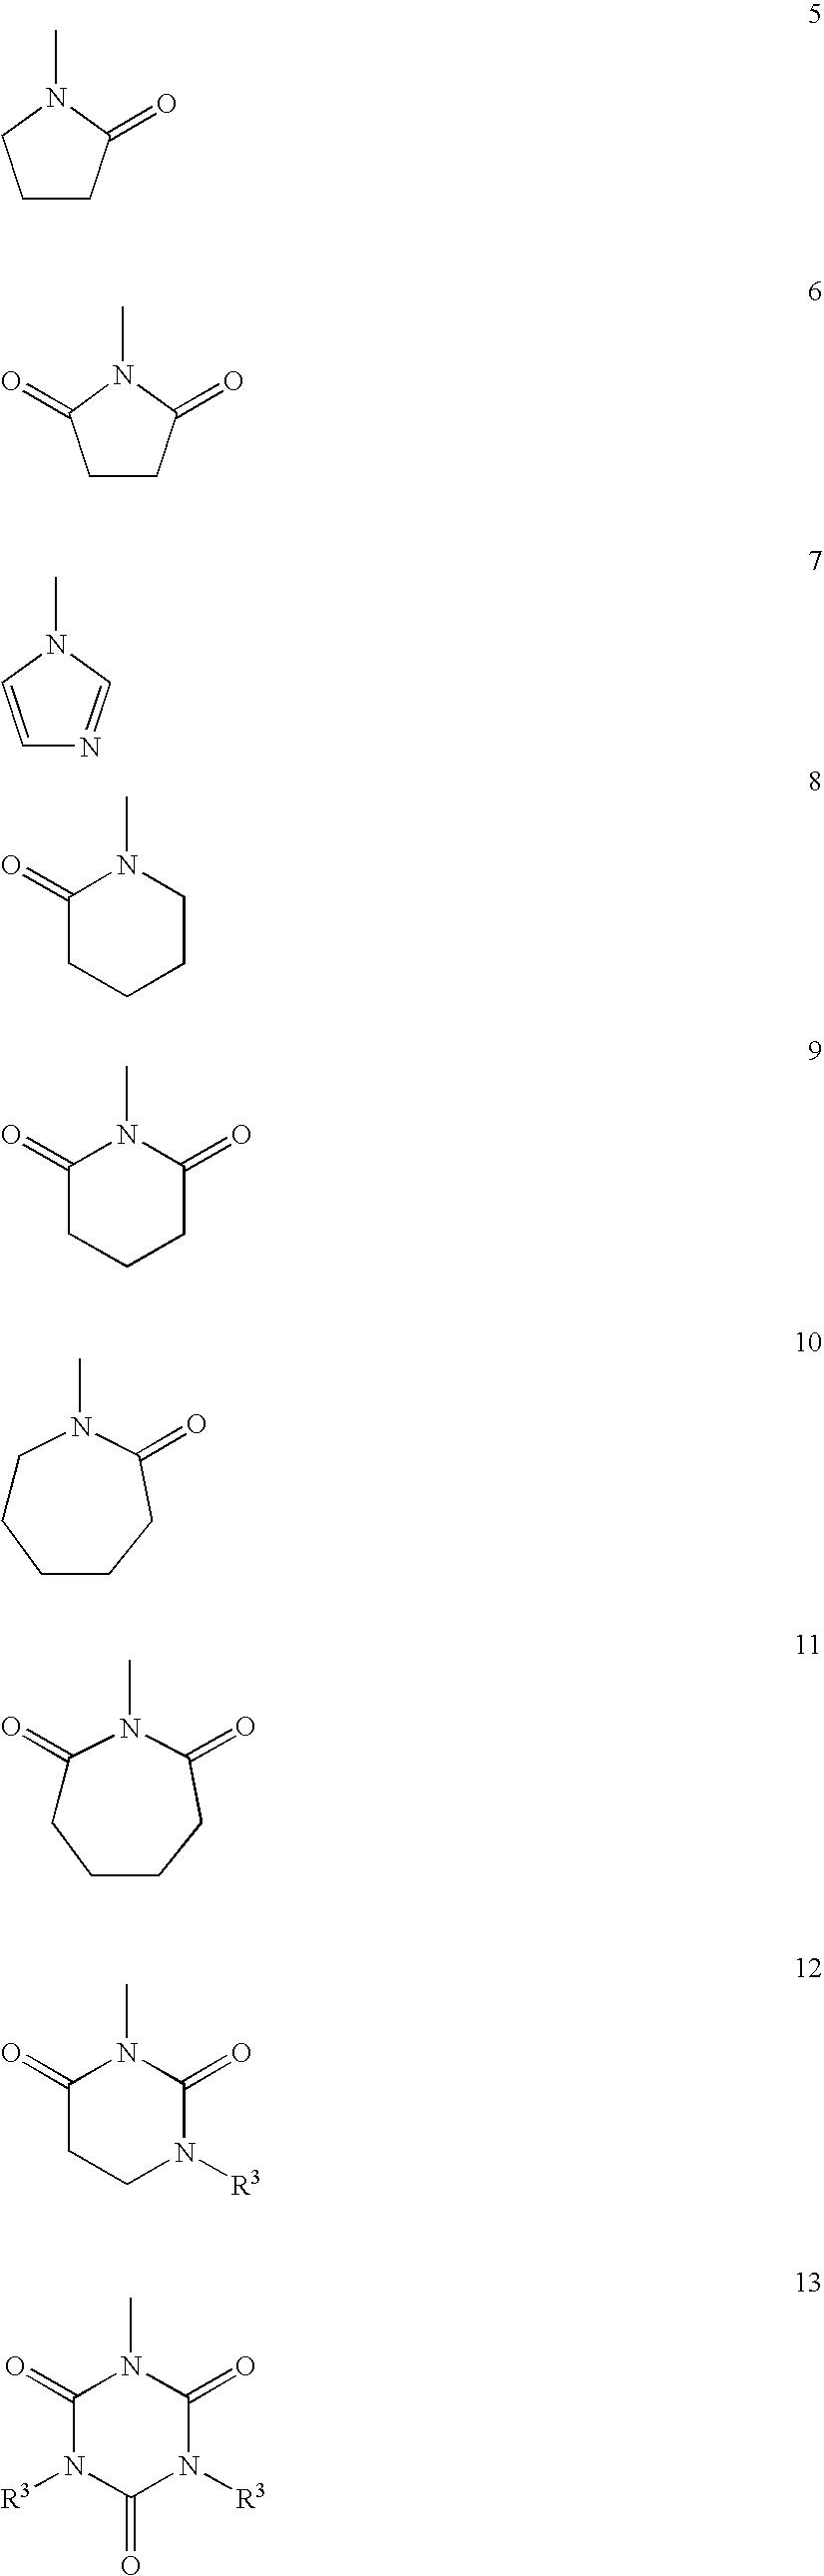 Figure US20060257582A1-20061116-C00002